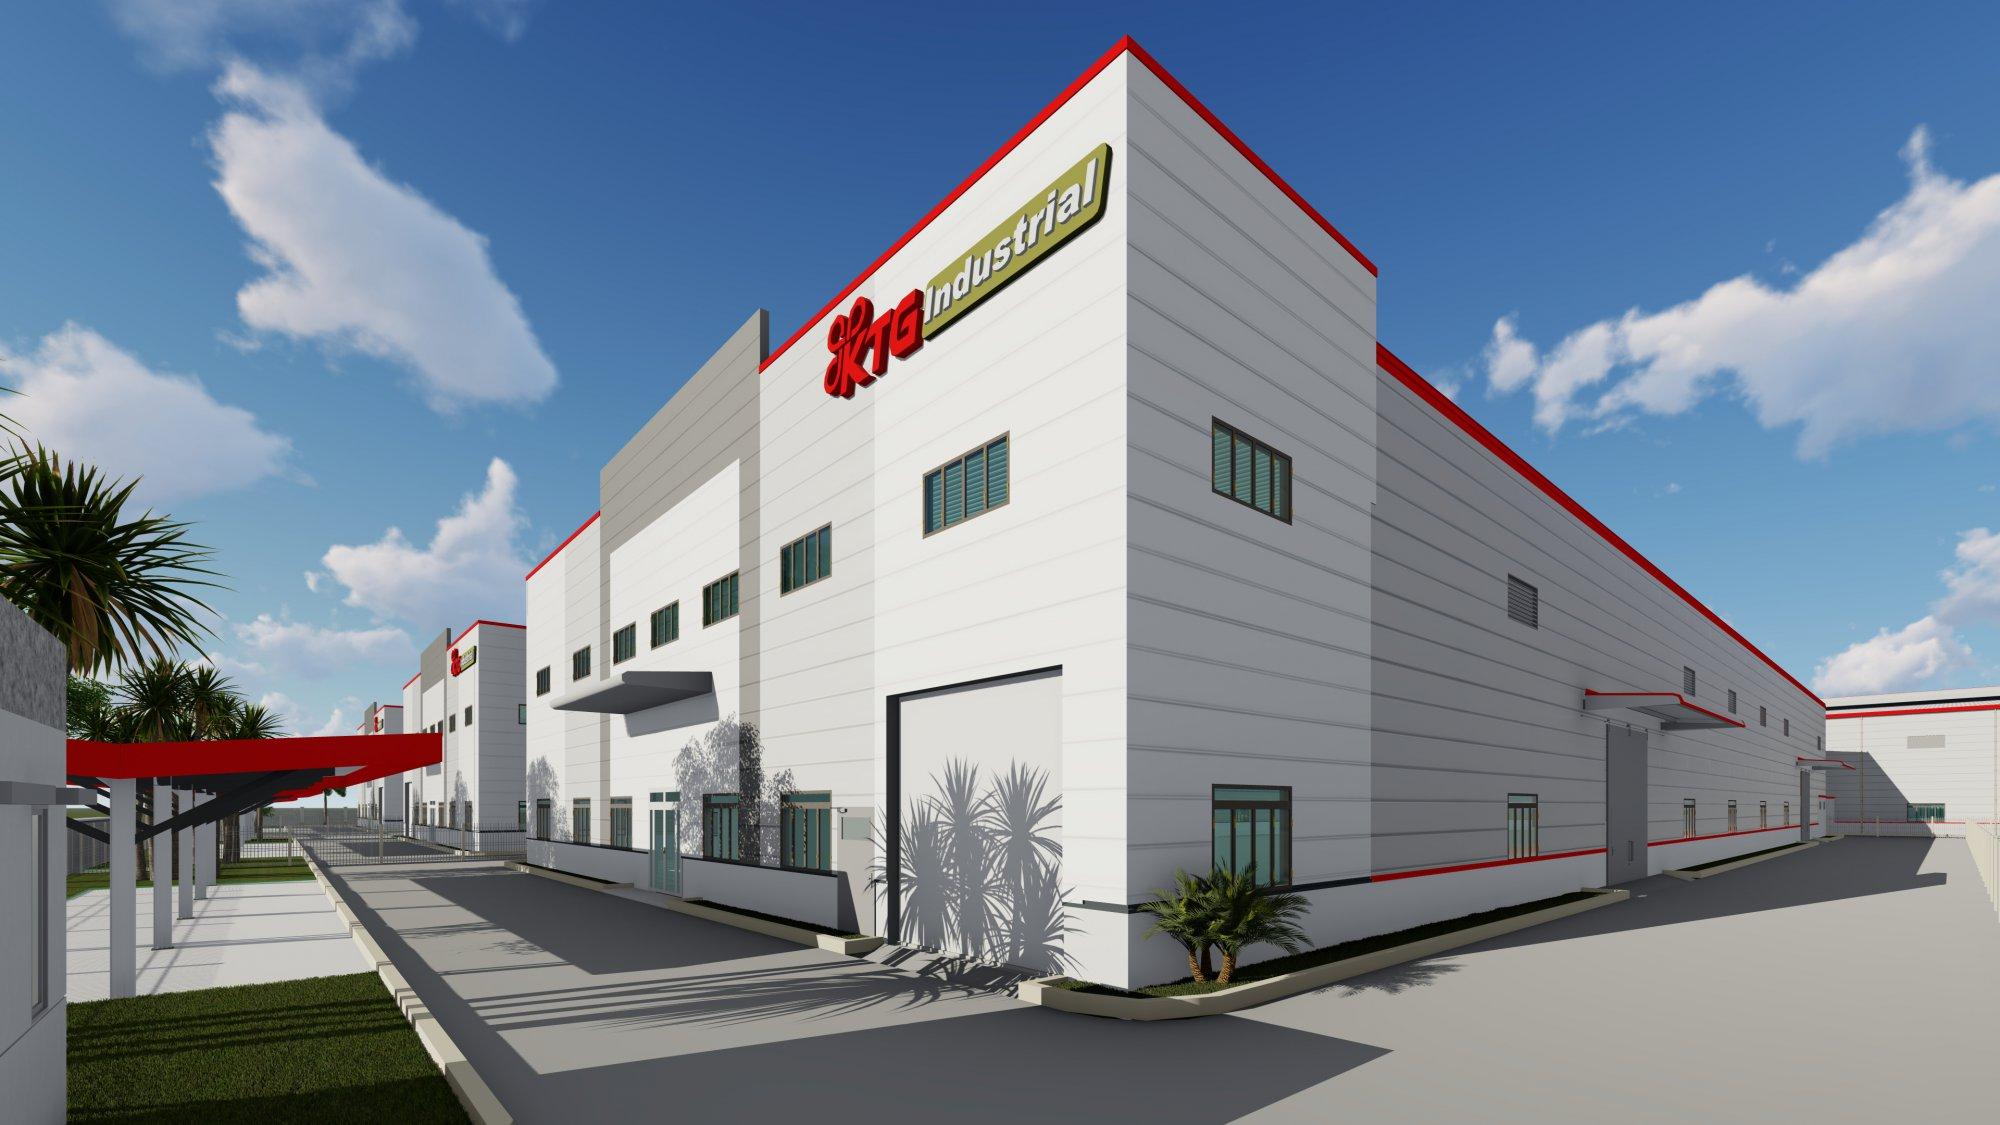 Cho thuê nhà xưởng khu công nghiệp Yên Phong - Bắc Ninh - Giai đoạn 2